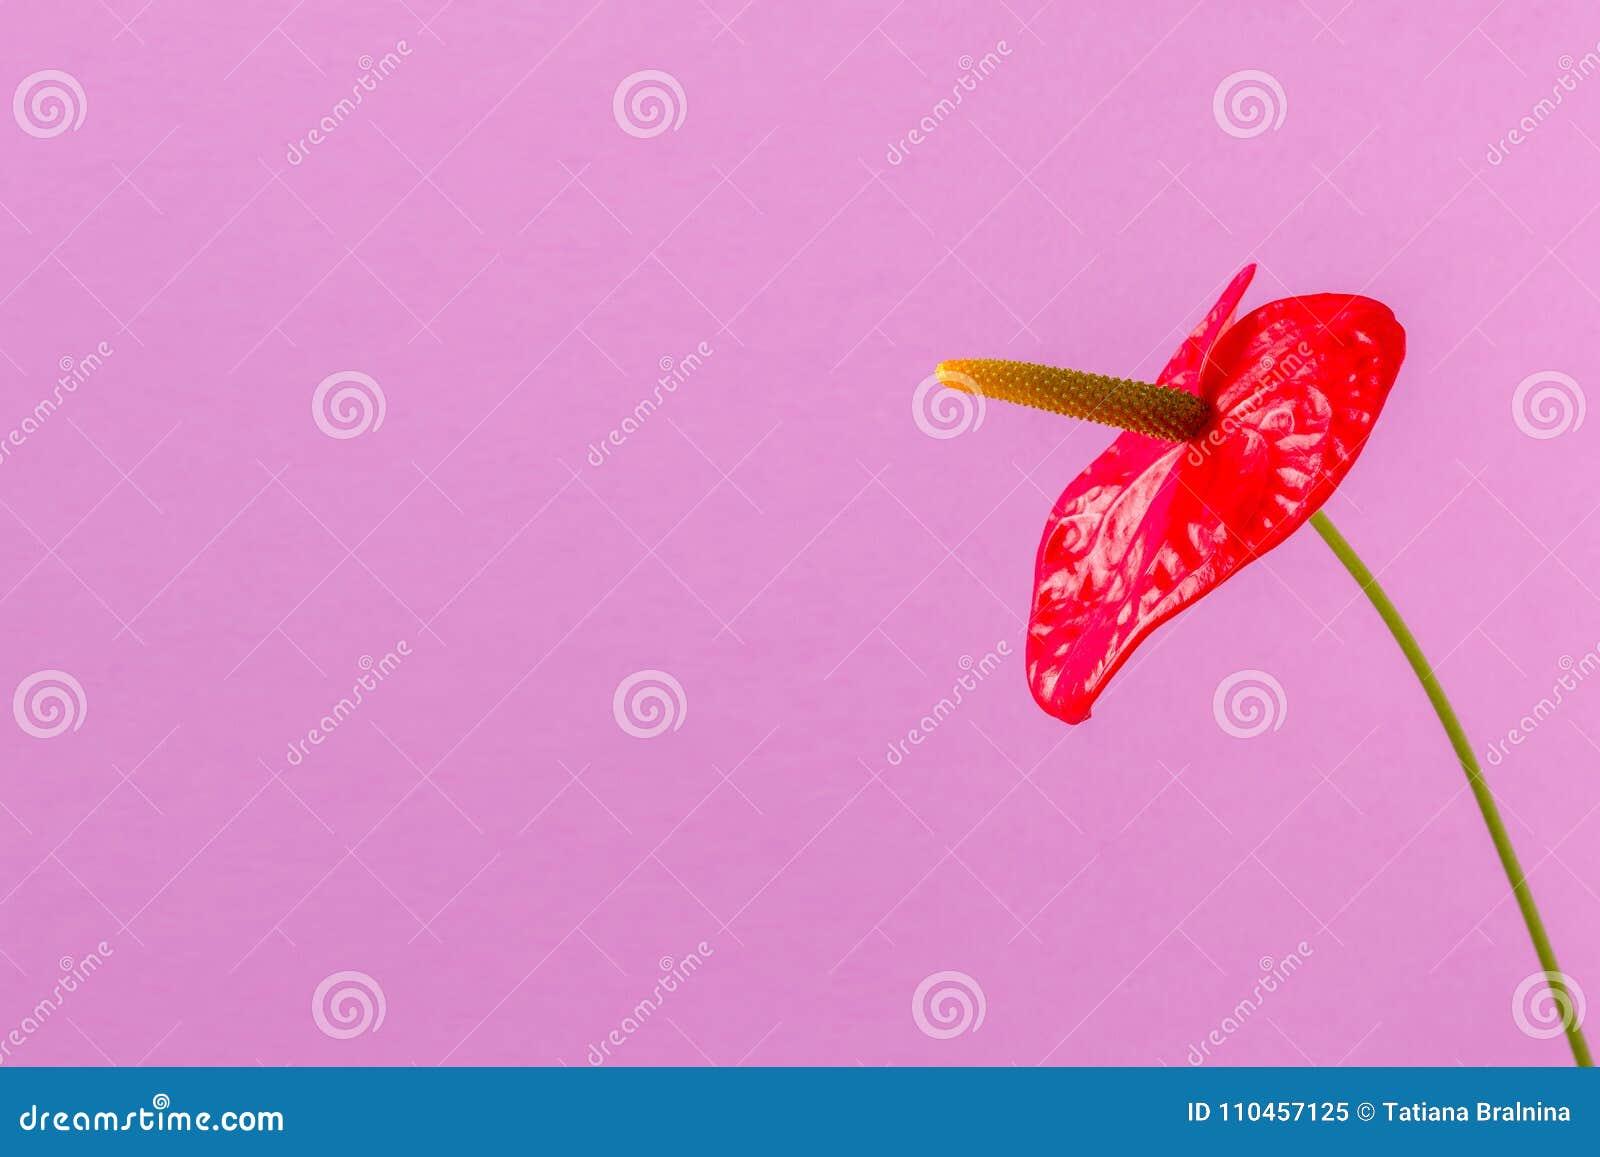 Röd blomma på en ljus kulör bakgrund